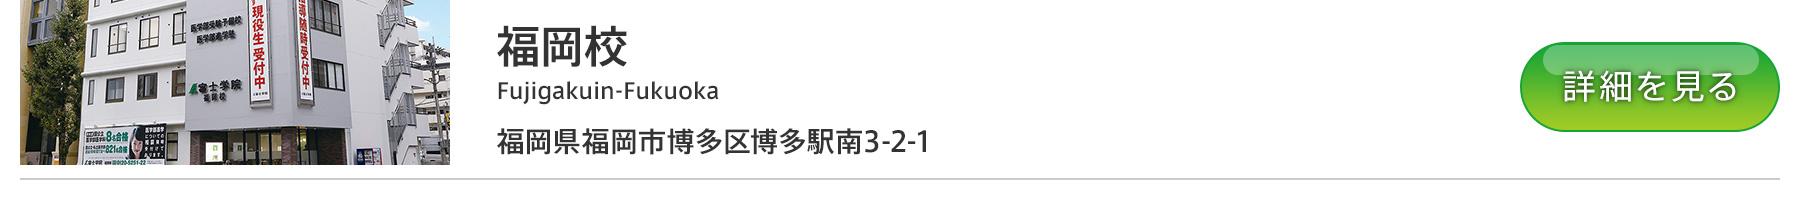 富士学院 福岡校